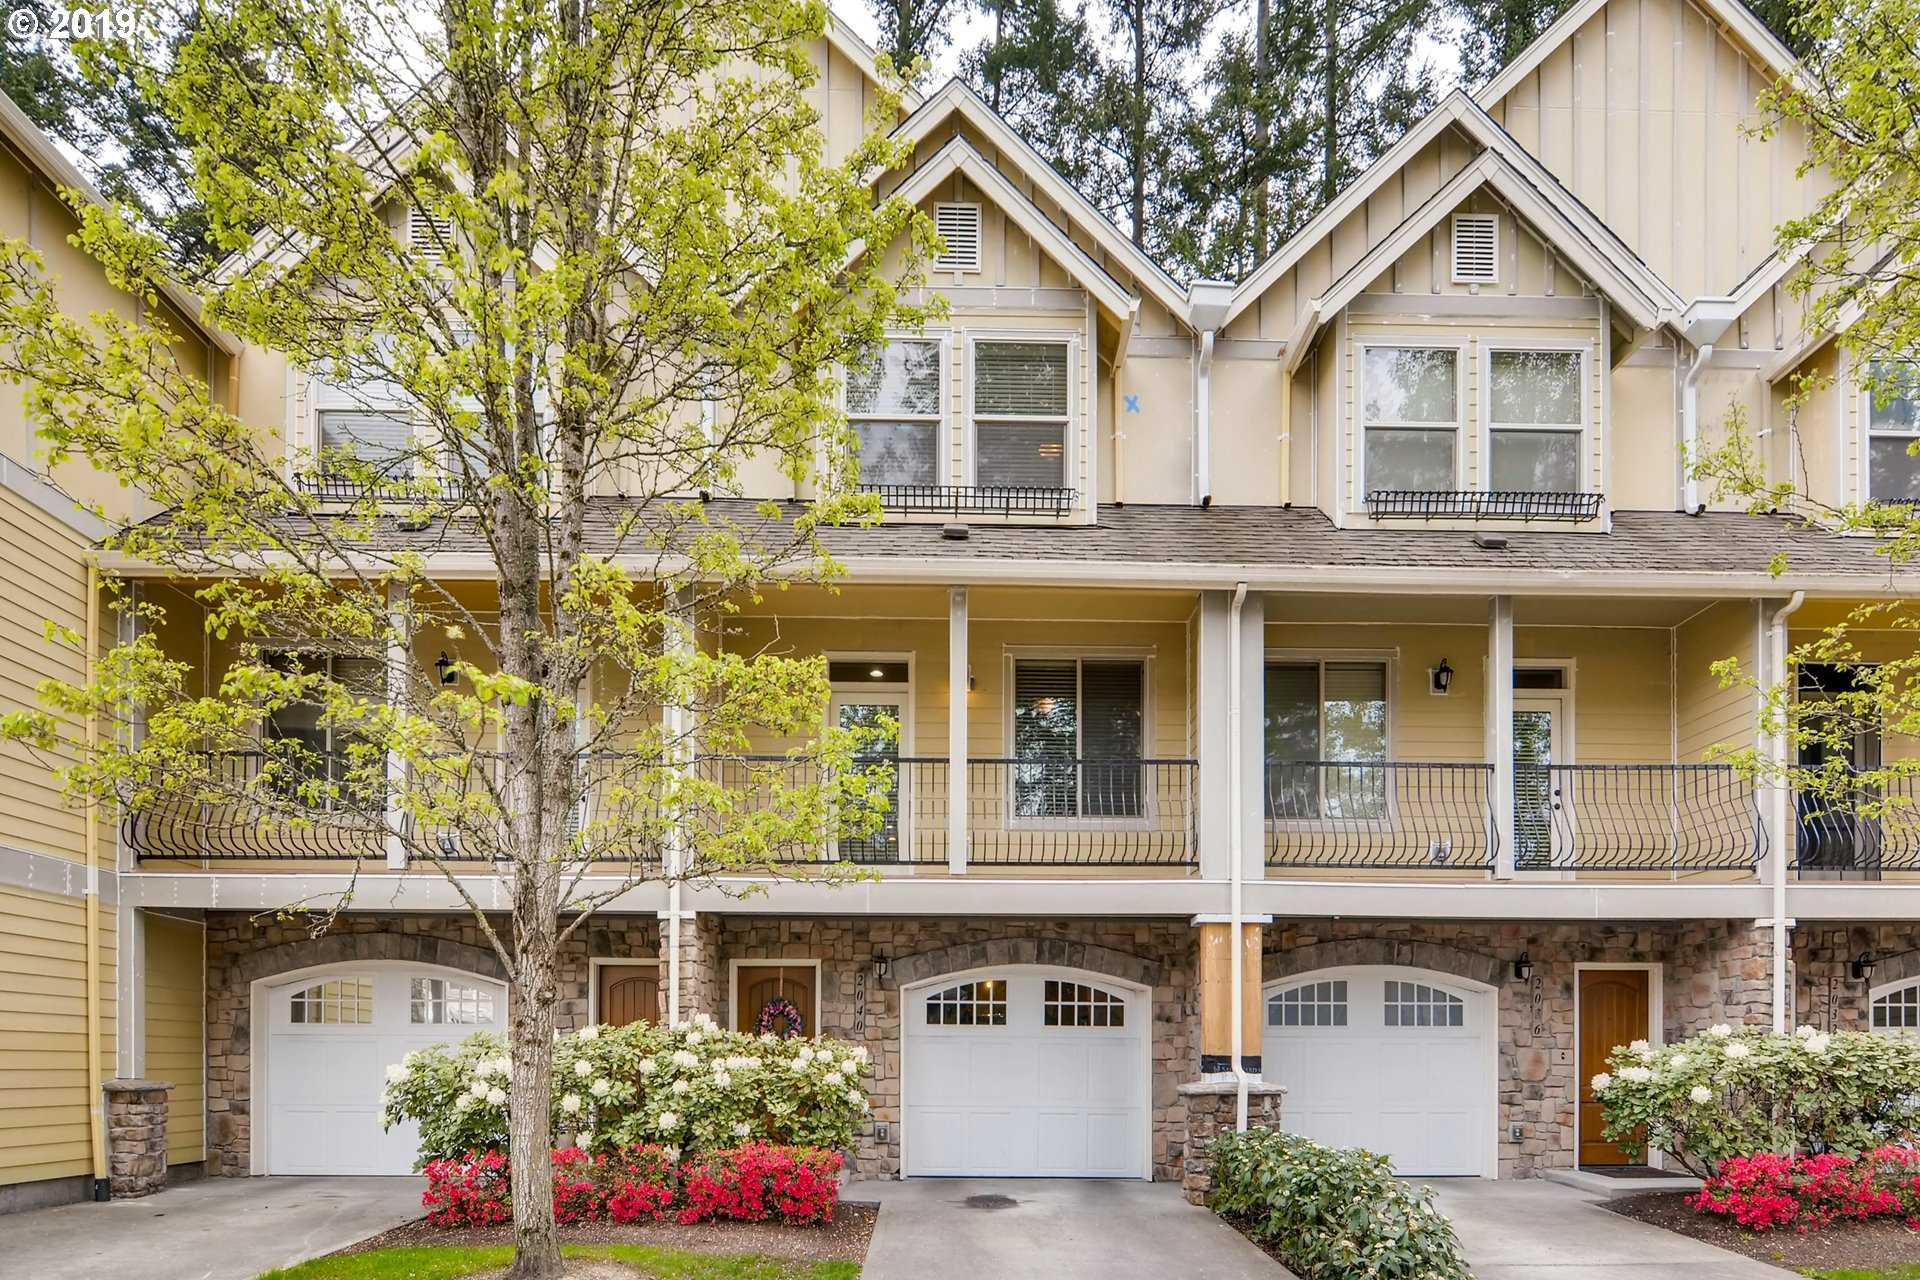 $345,000 - 3Br/3Ba -  for Sale in Travertine Condos, Hillsboro